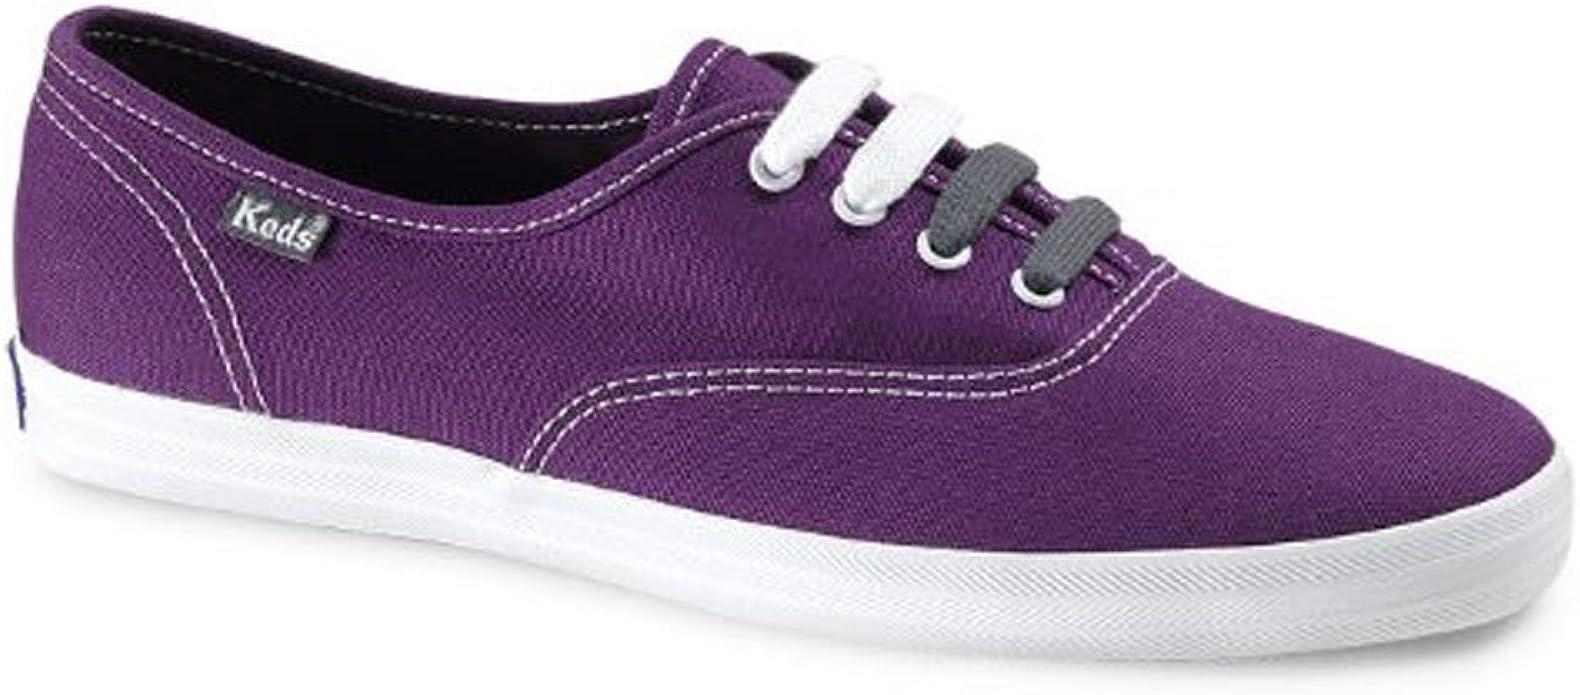 Champion Purple Canvas Shoes Wide Width